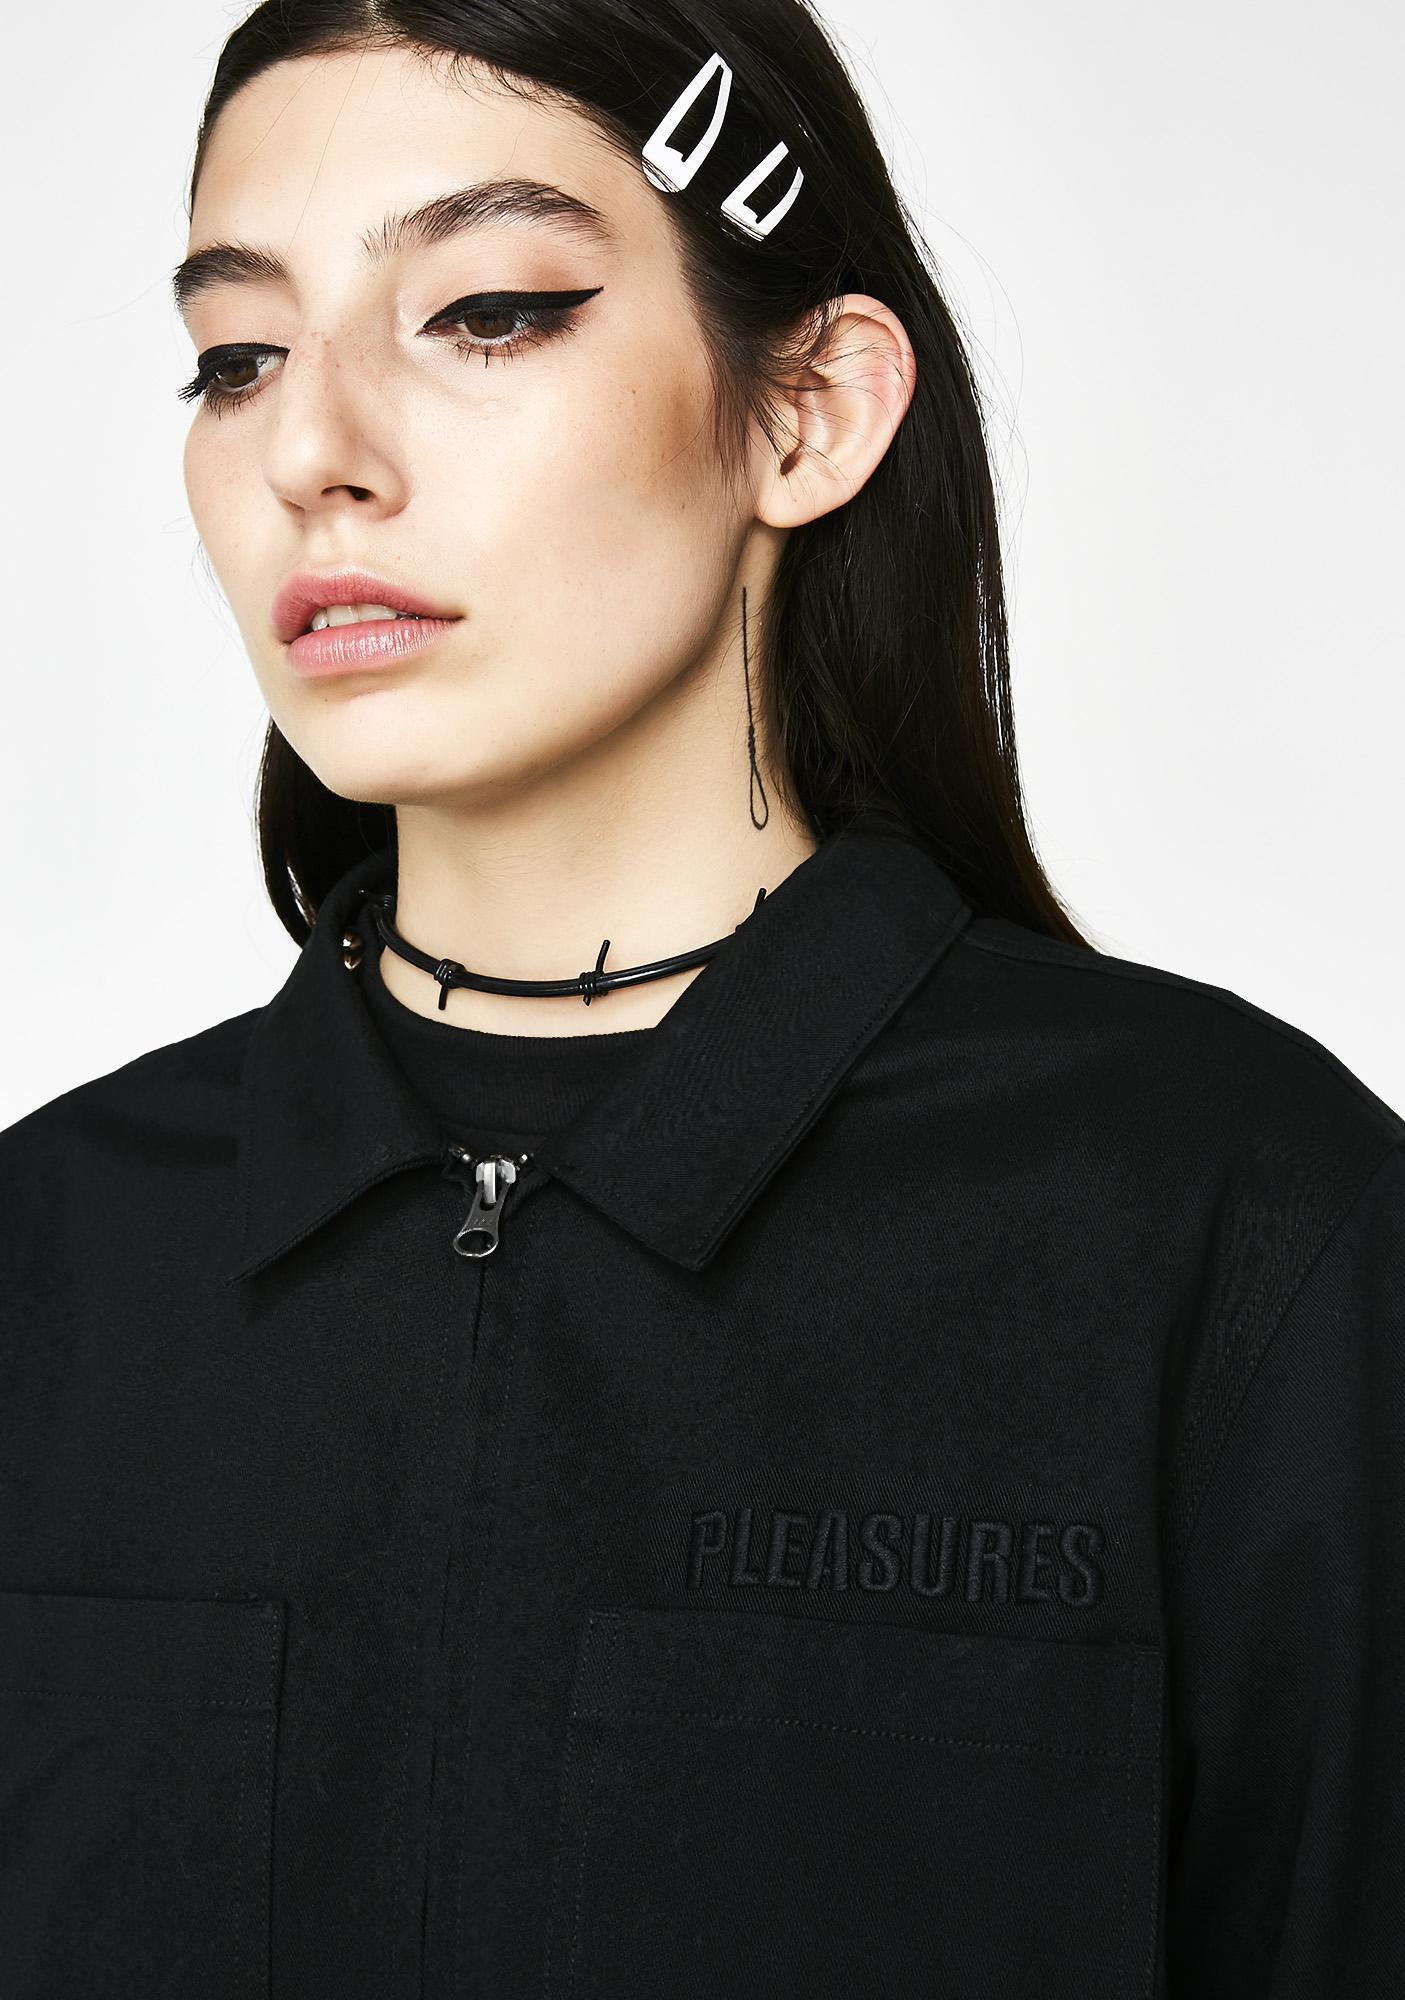 Pleasures Garage Shirt Jacket